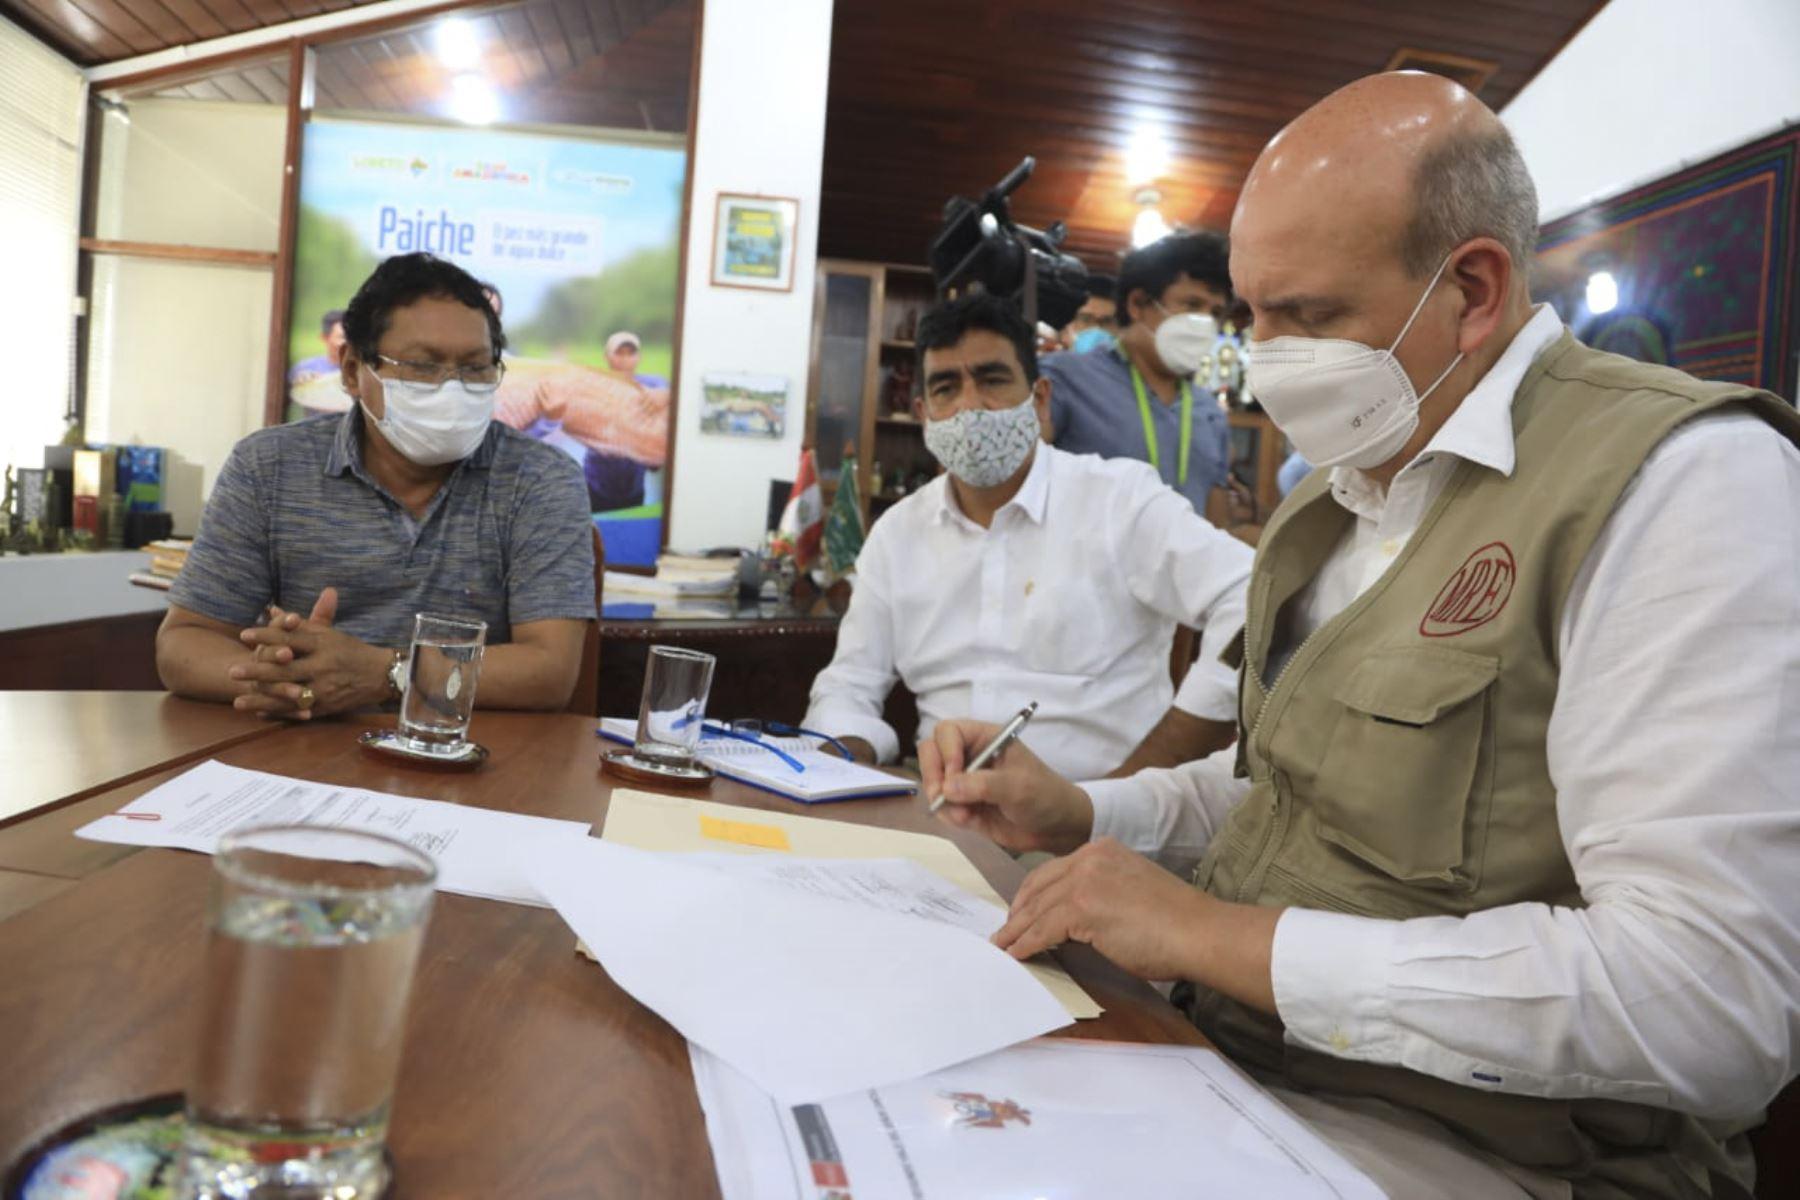 En Iquitos, el canciller, Mario López Chávarri, entregó a la Dirección Regional de Salud (DIRESA) equipos de protección personal para la lucha contra la covid-19 y sostuvo una reunión de trabajo con el gobernador regional de Loreto, Elisban Ochoa. Foto: Cancillería